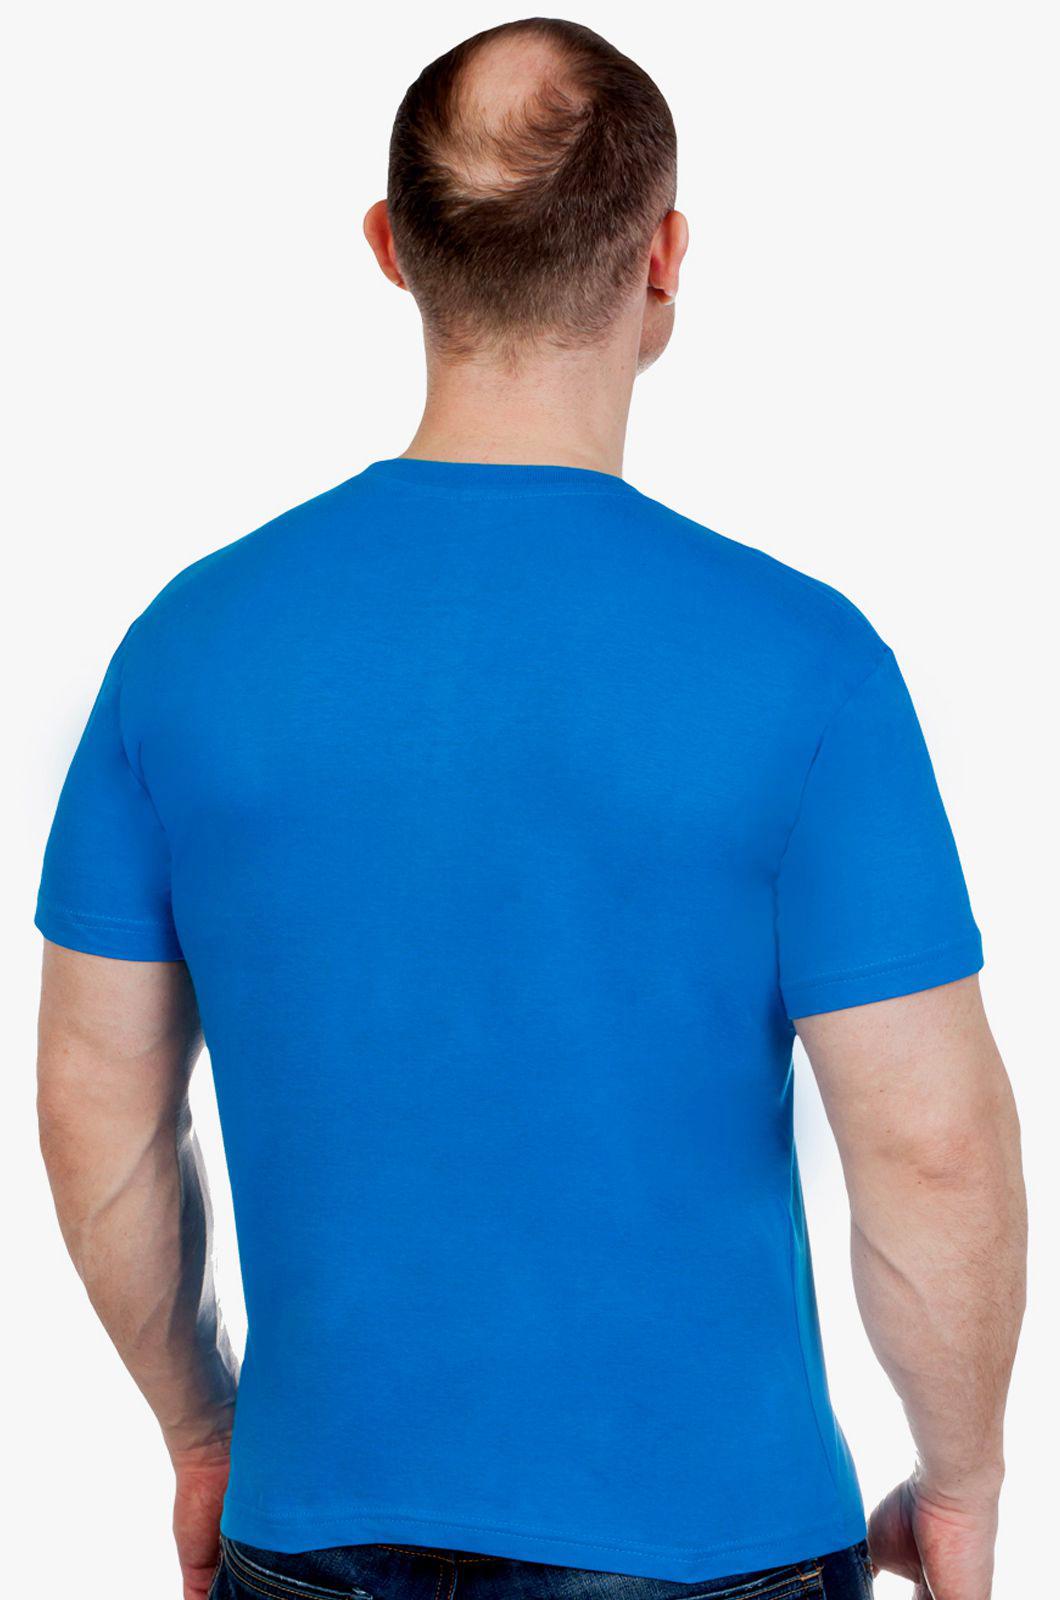 Надежная мужская футболка Спецназ ГРУ - купить в подарок